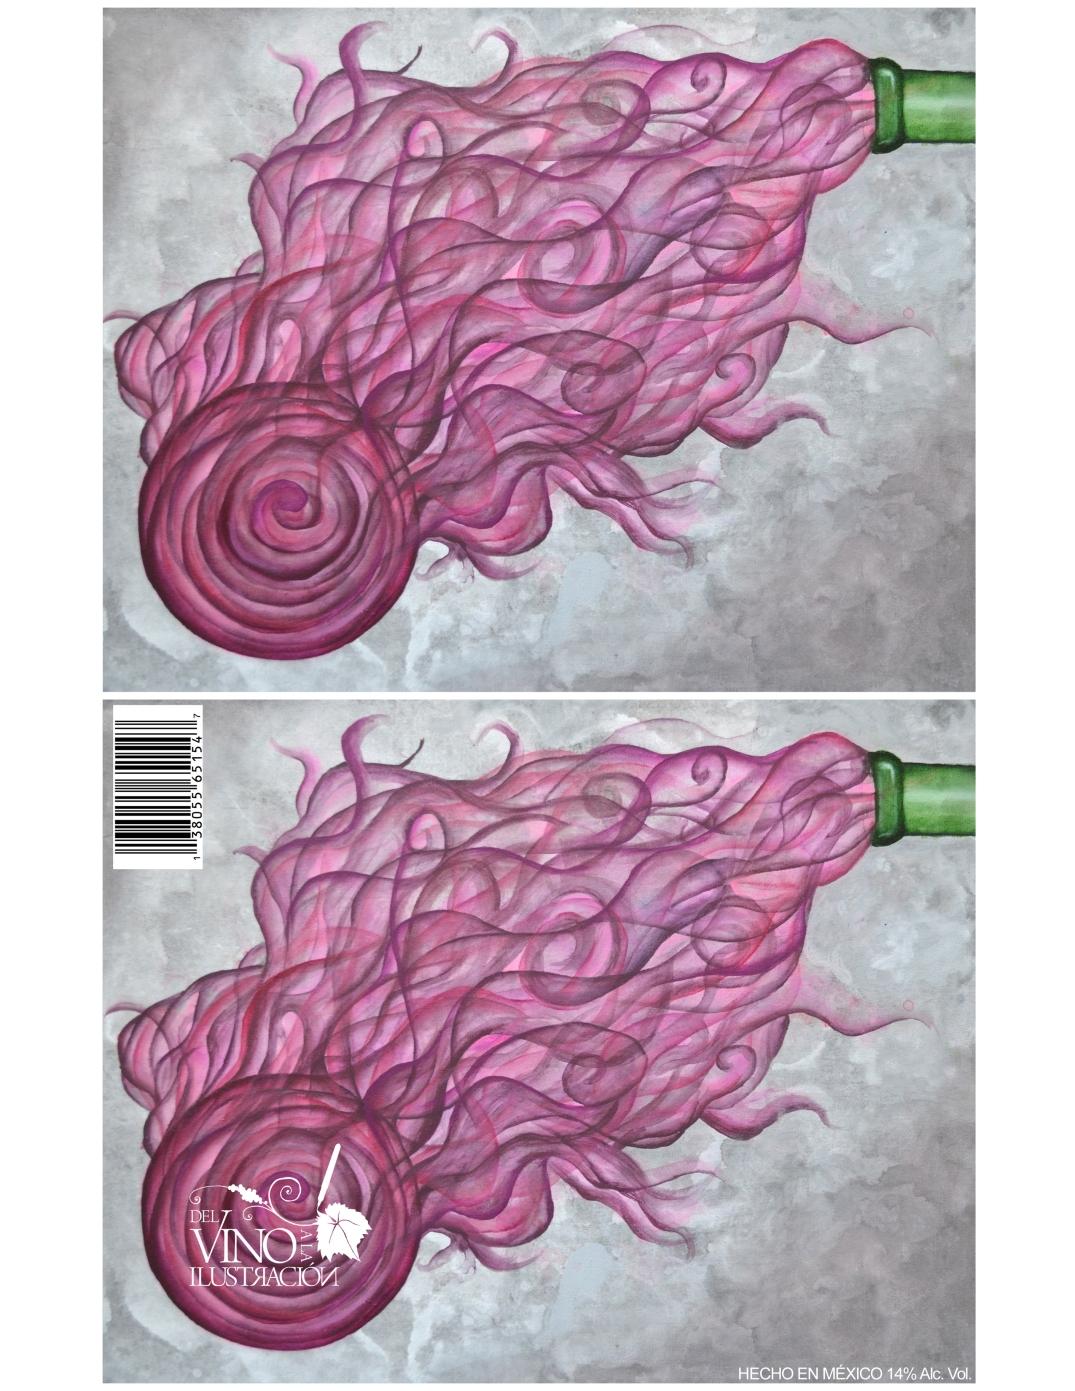 contenedor de vida Proceso 2 by alejandro pinpon